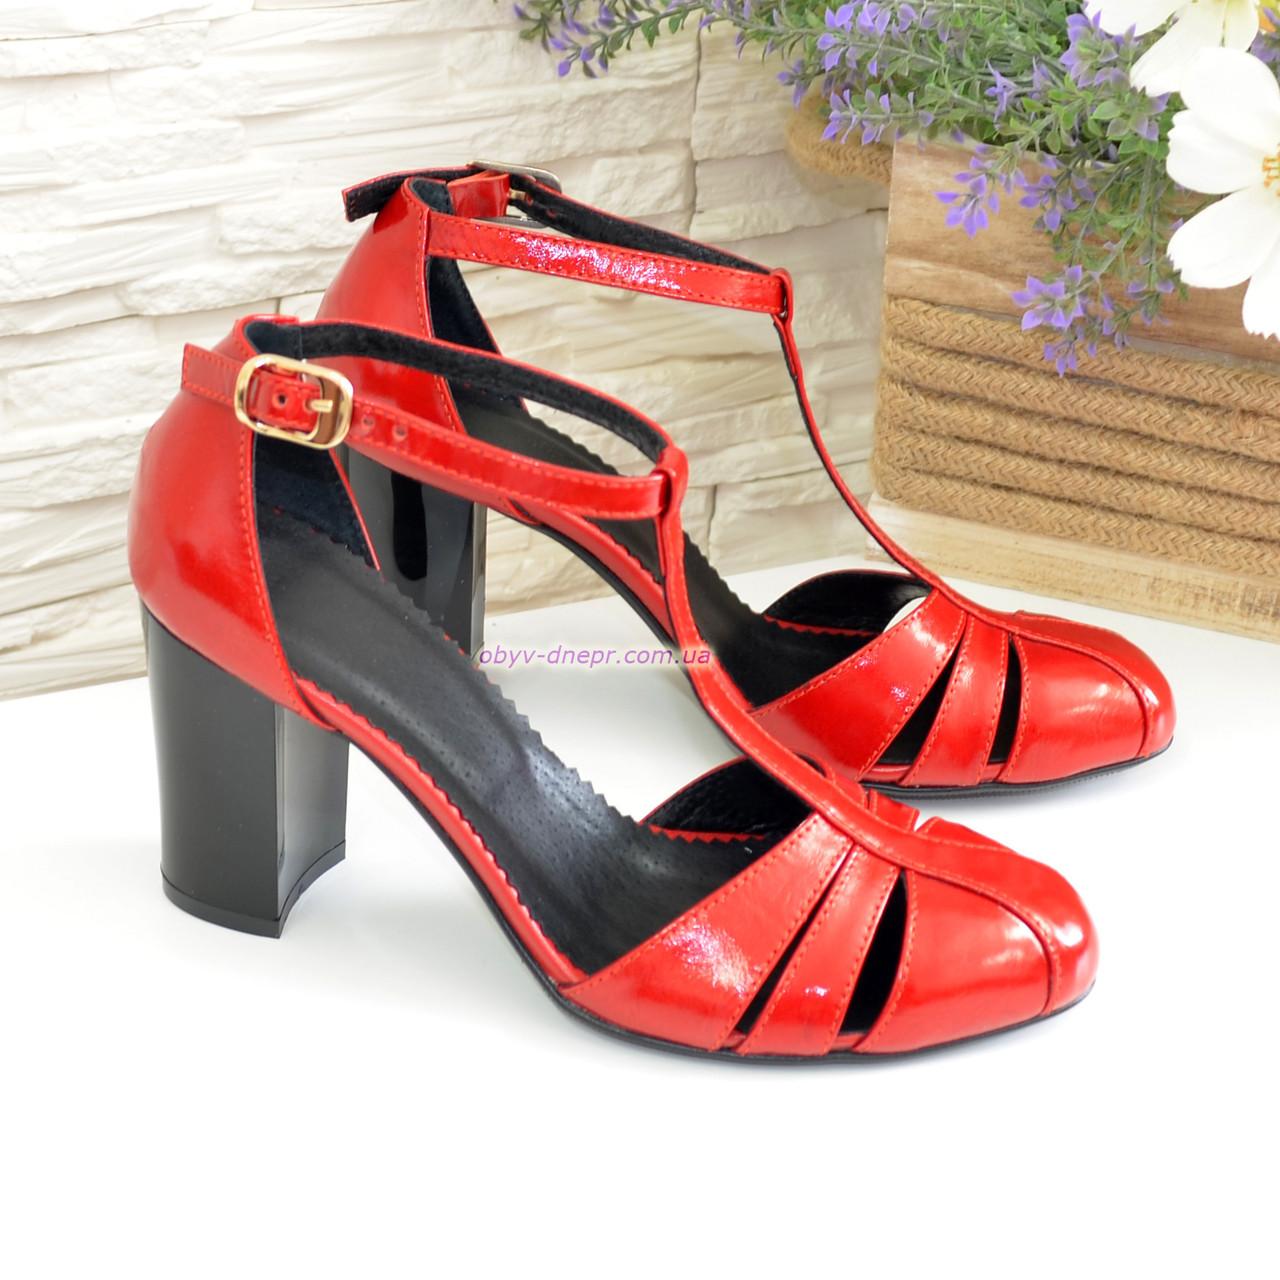 Женские лаковые красные босоножки на высоком устойчивом каблуке